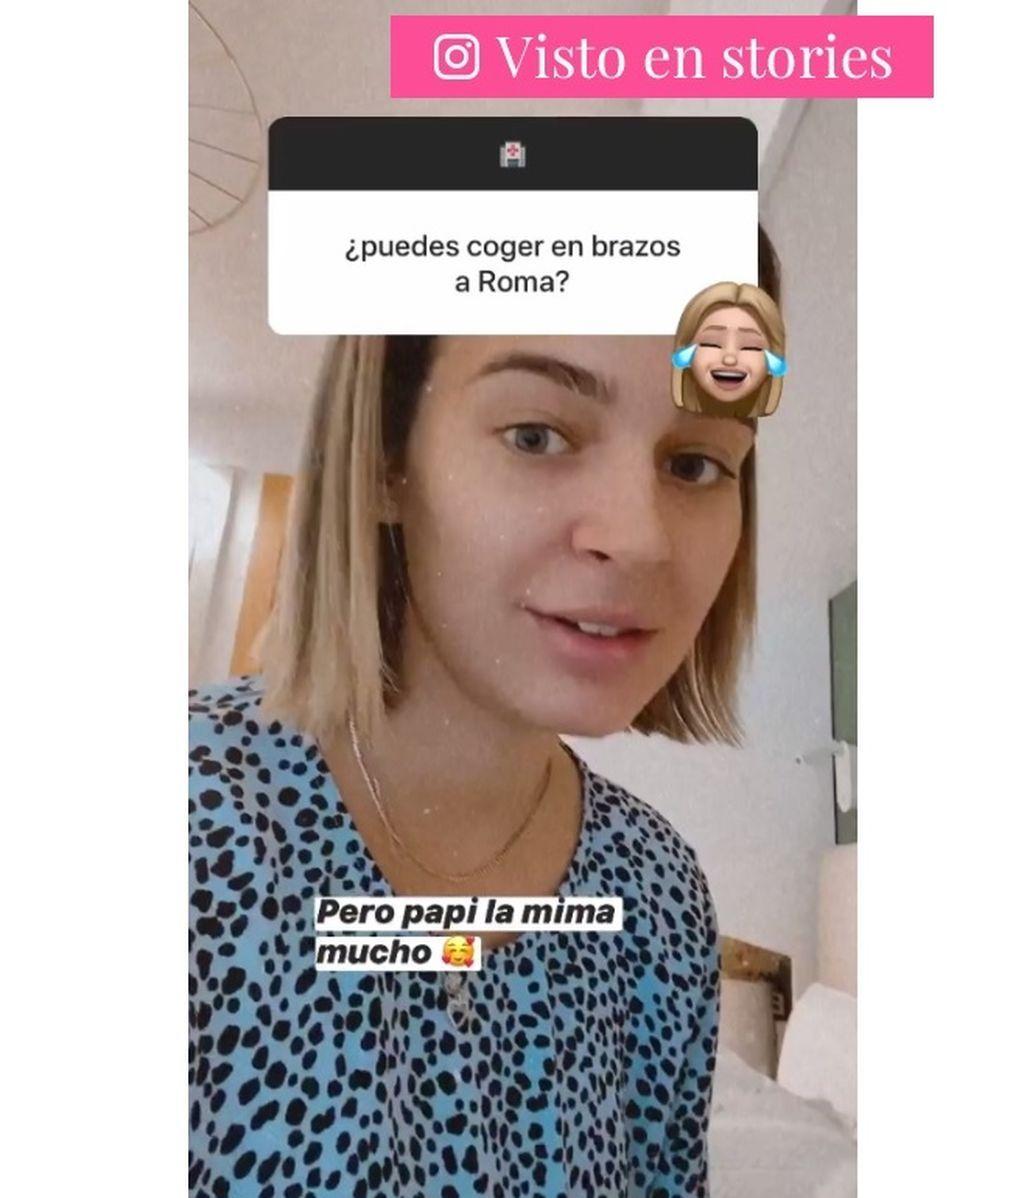 Laura reconoce no poder coger a Roma tras su operación